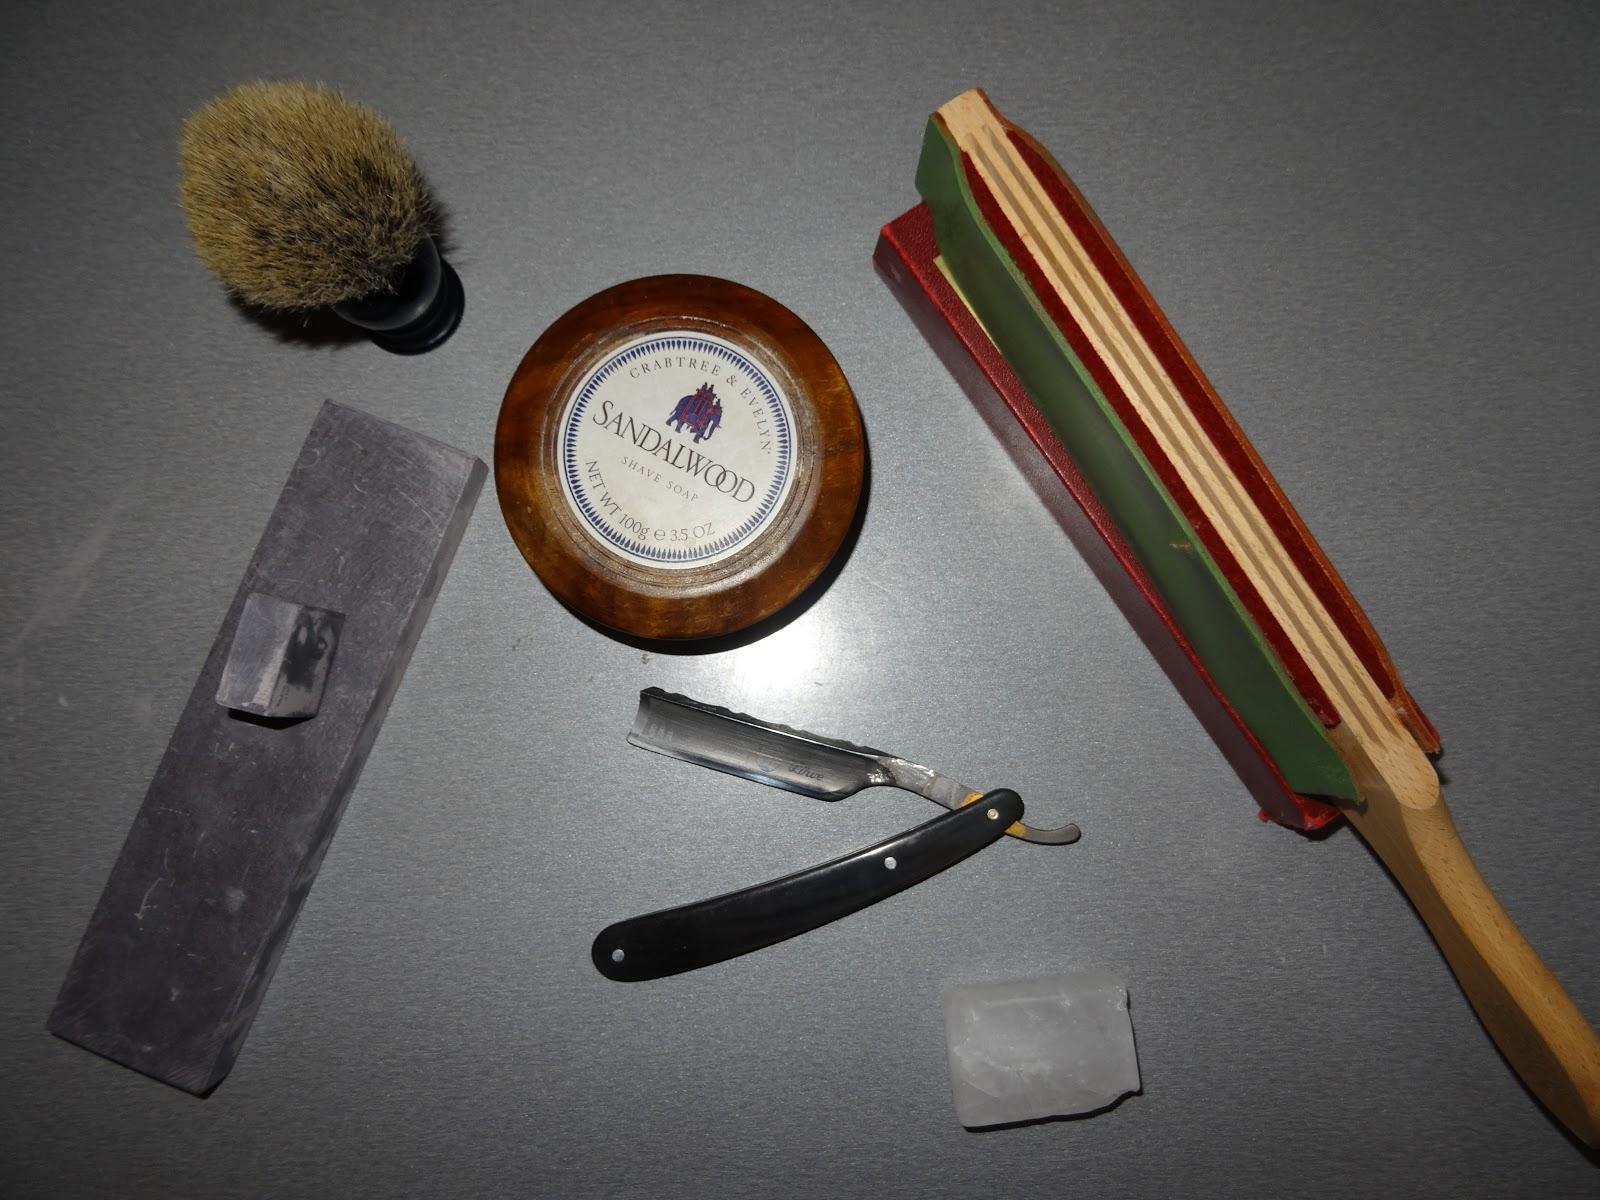 Passer au coupe chou conomique durable - Se raser avec un coupe chou ...